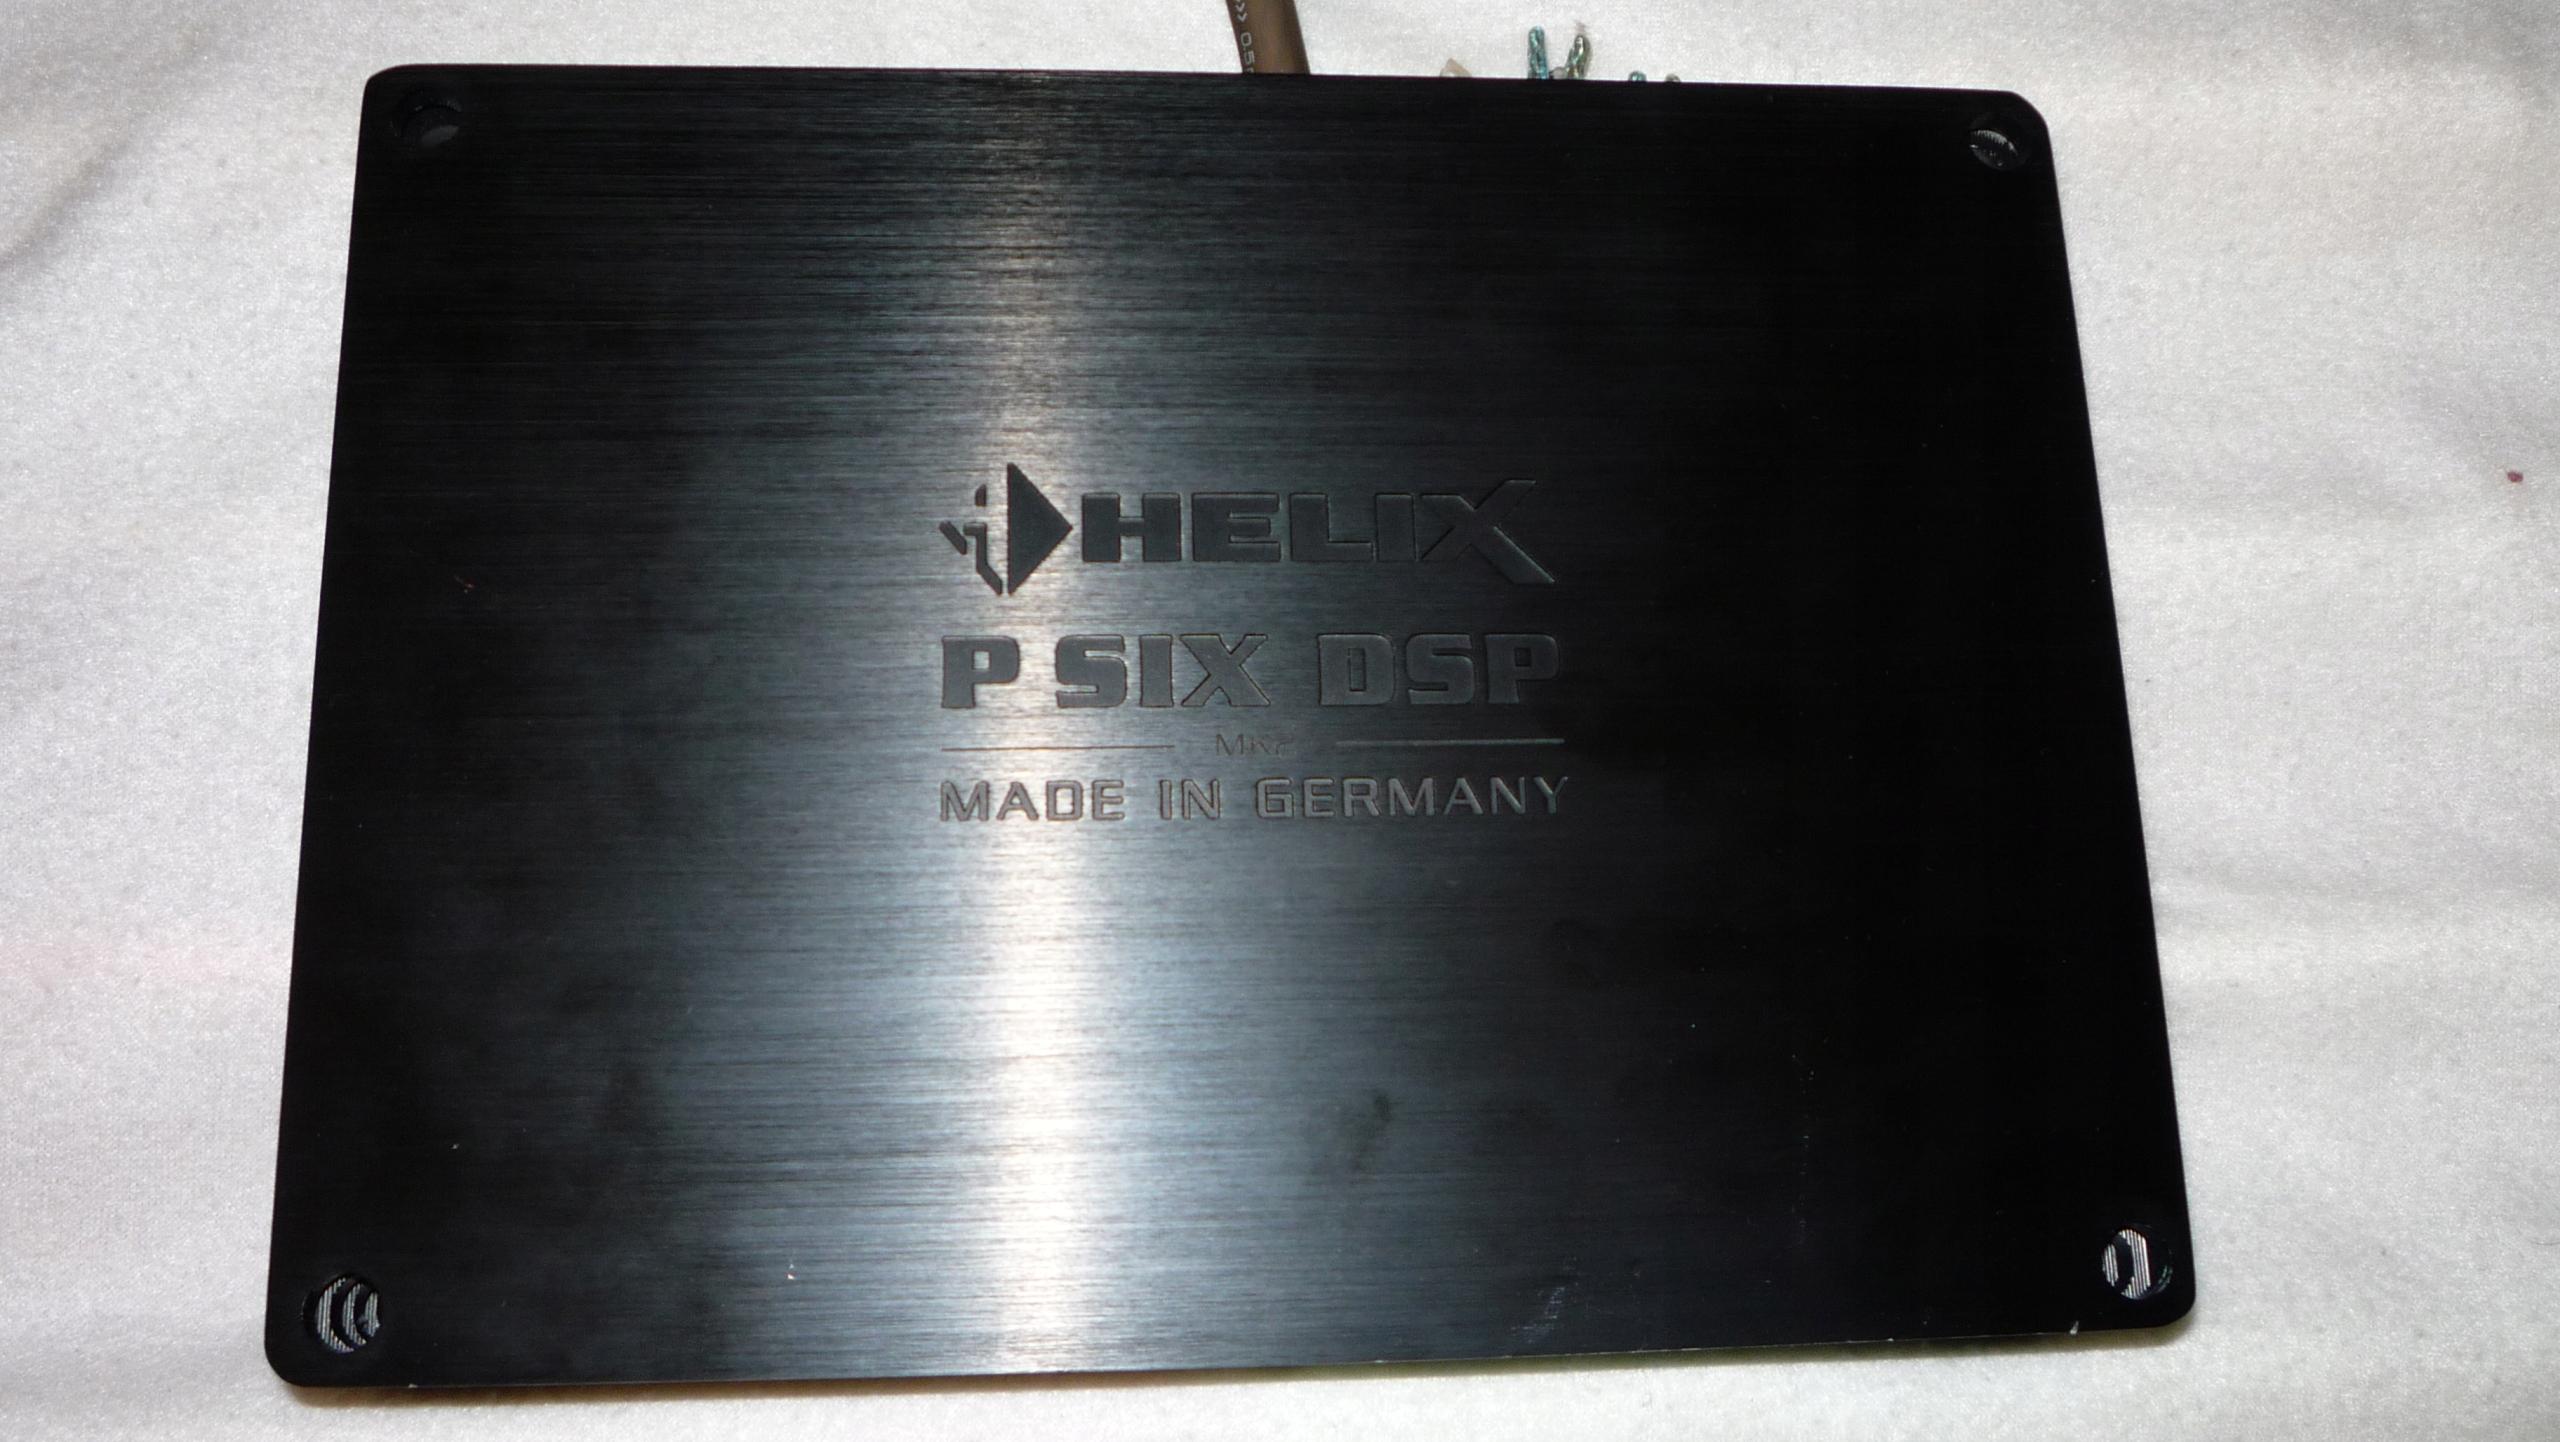 Helix P SIX DSP MKII Procesor Dzwięku 6-kanałowy